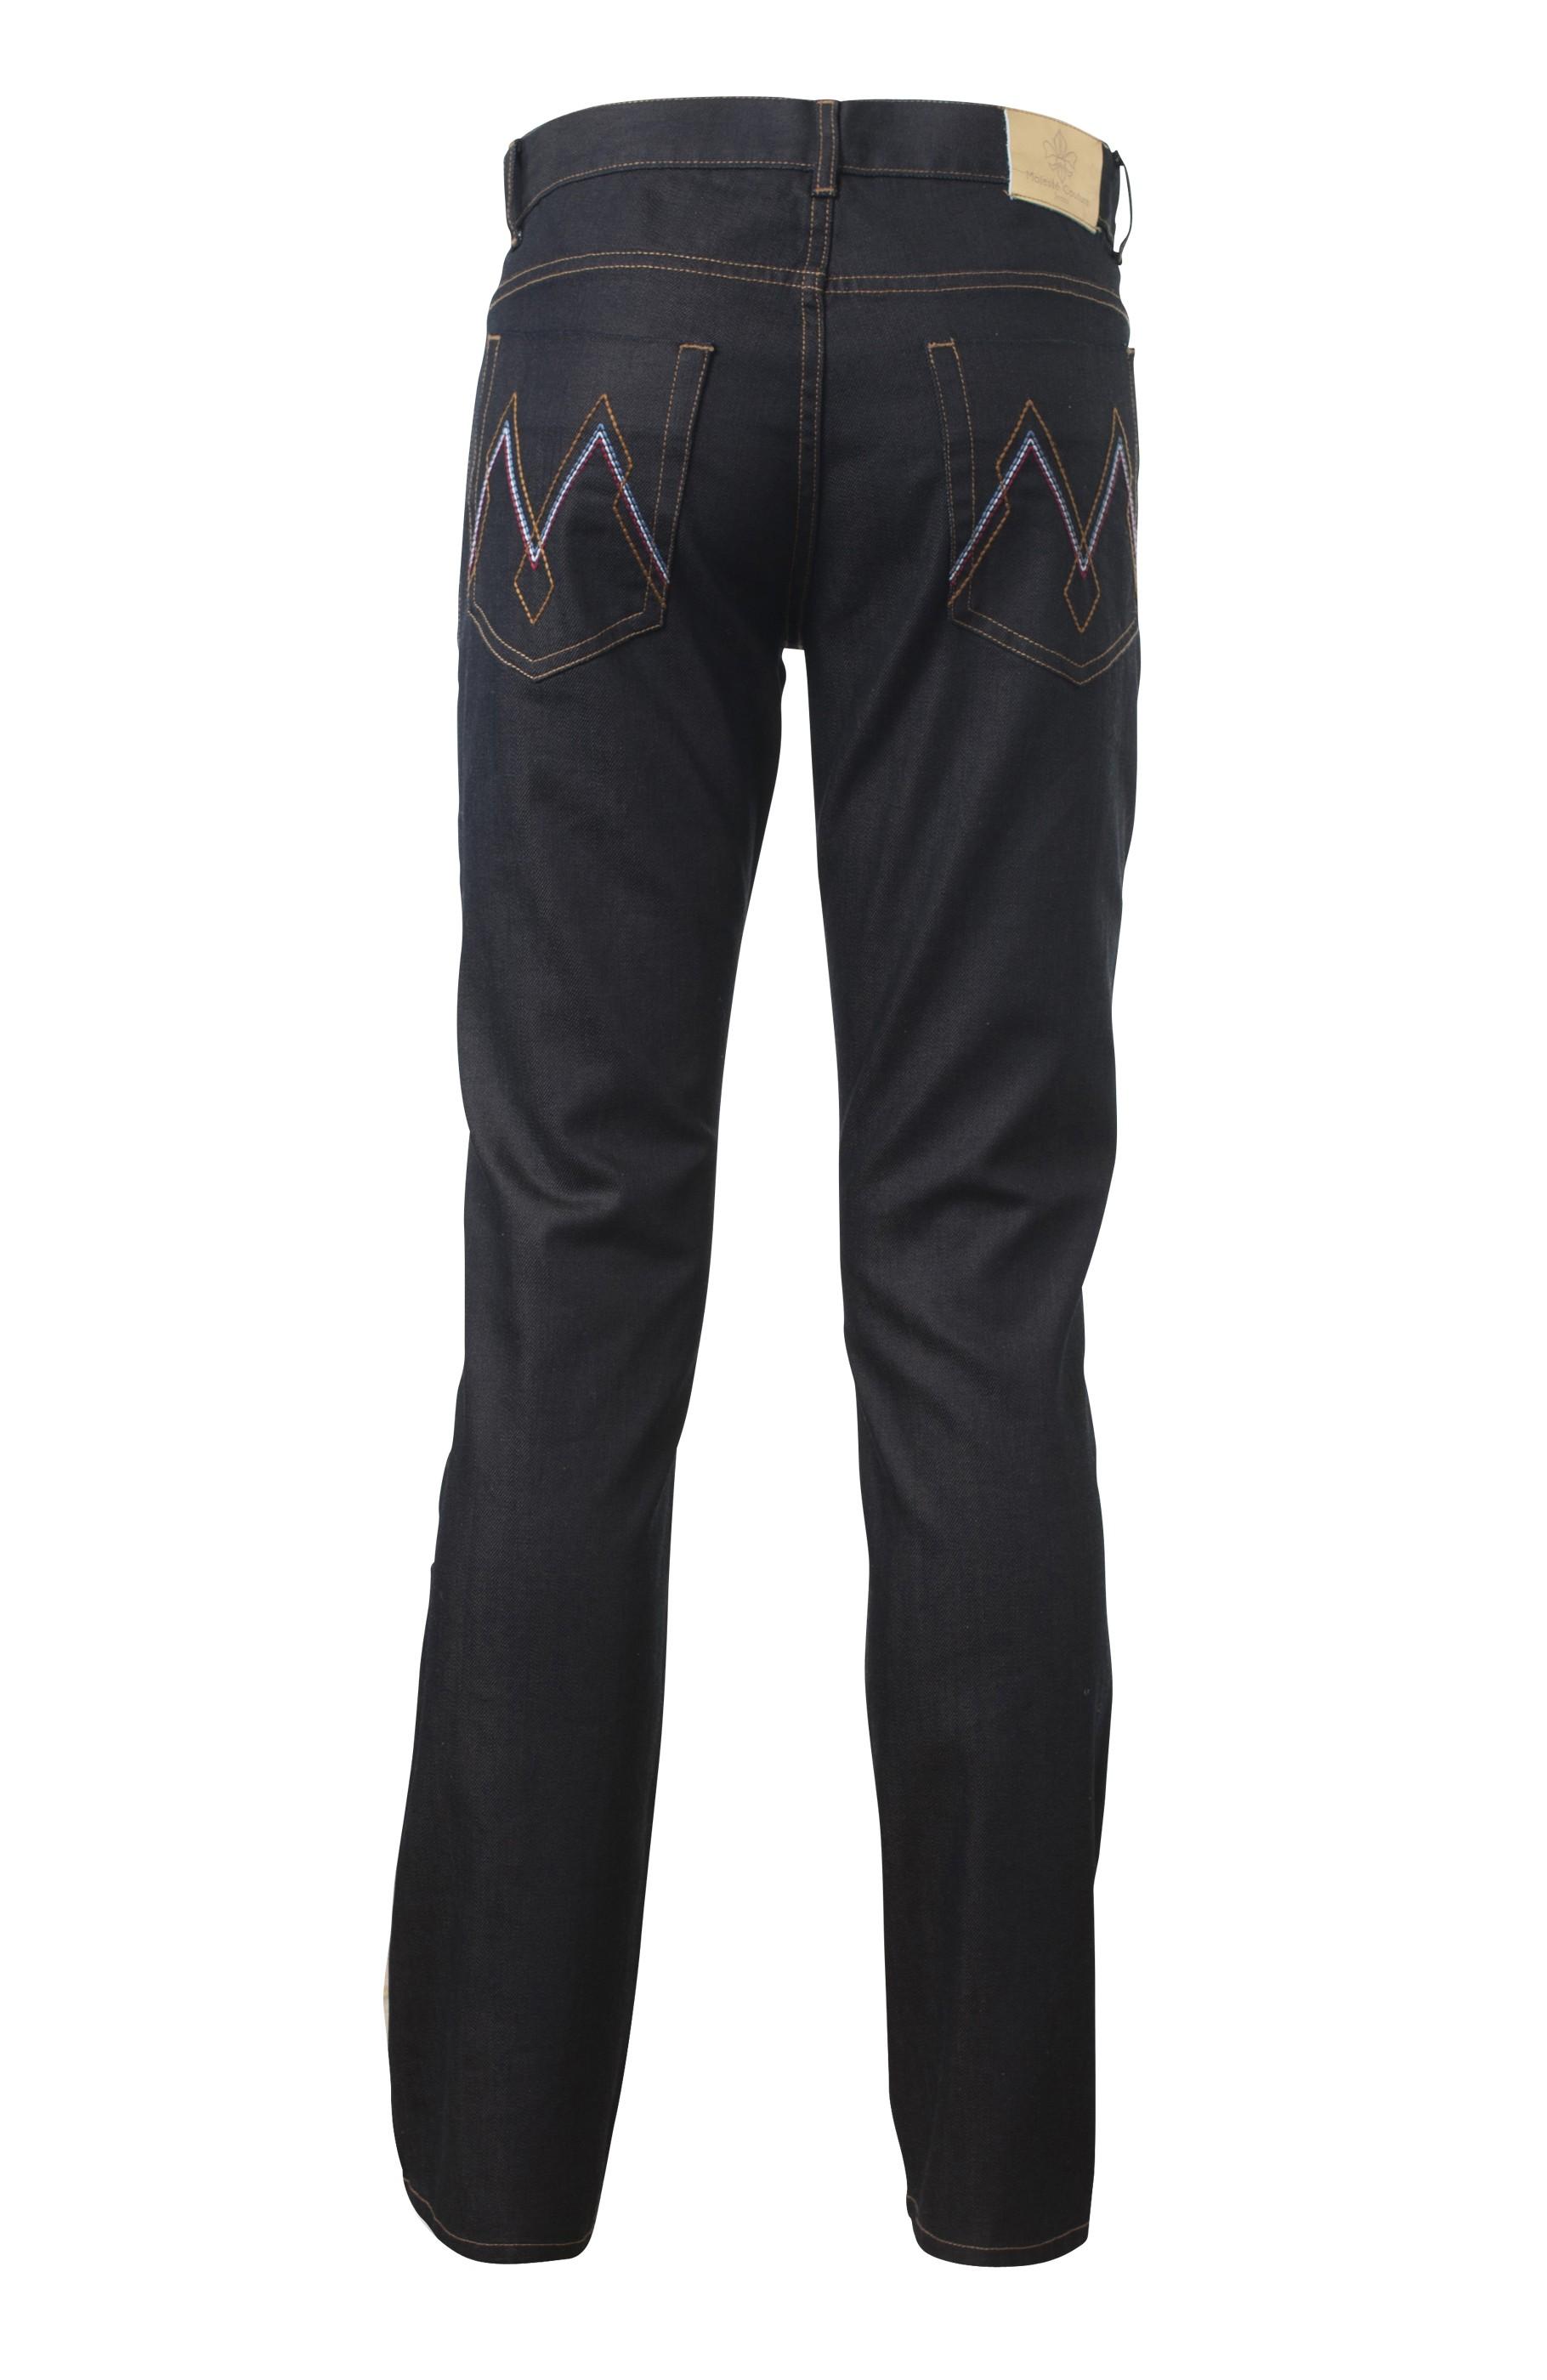 Majesté Couture Paris: MJ-421 COPPER JEANS   Clothing,Clothing > Jeans -  Hiphunters Shop